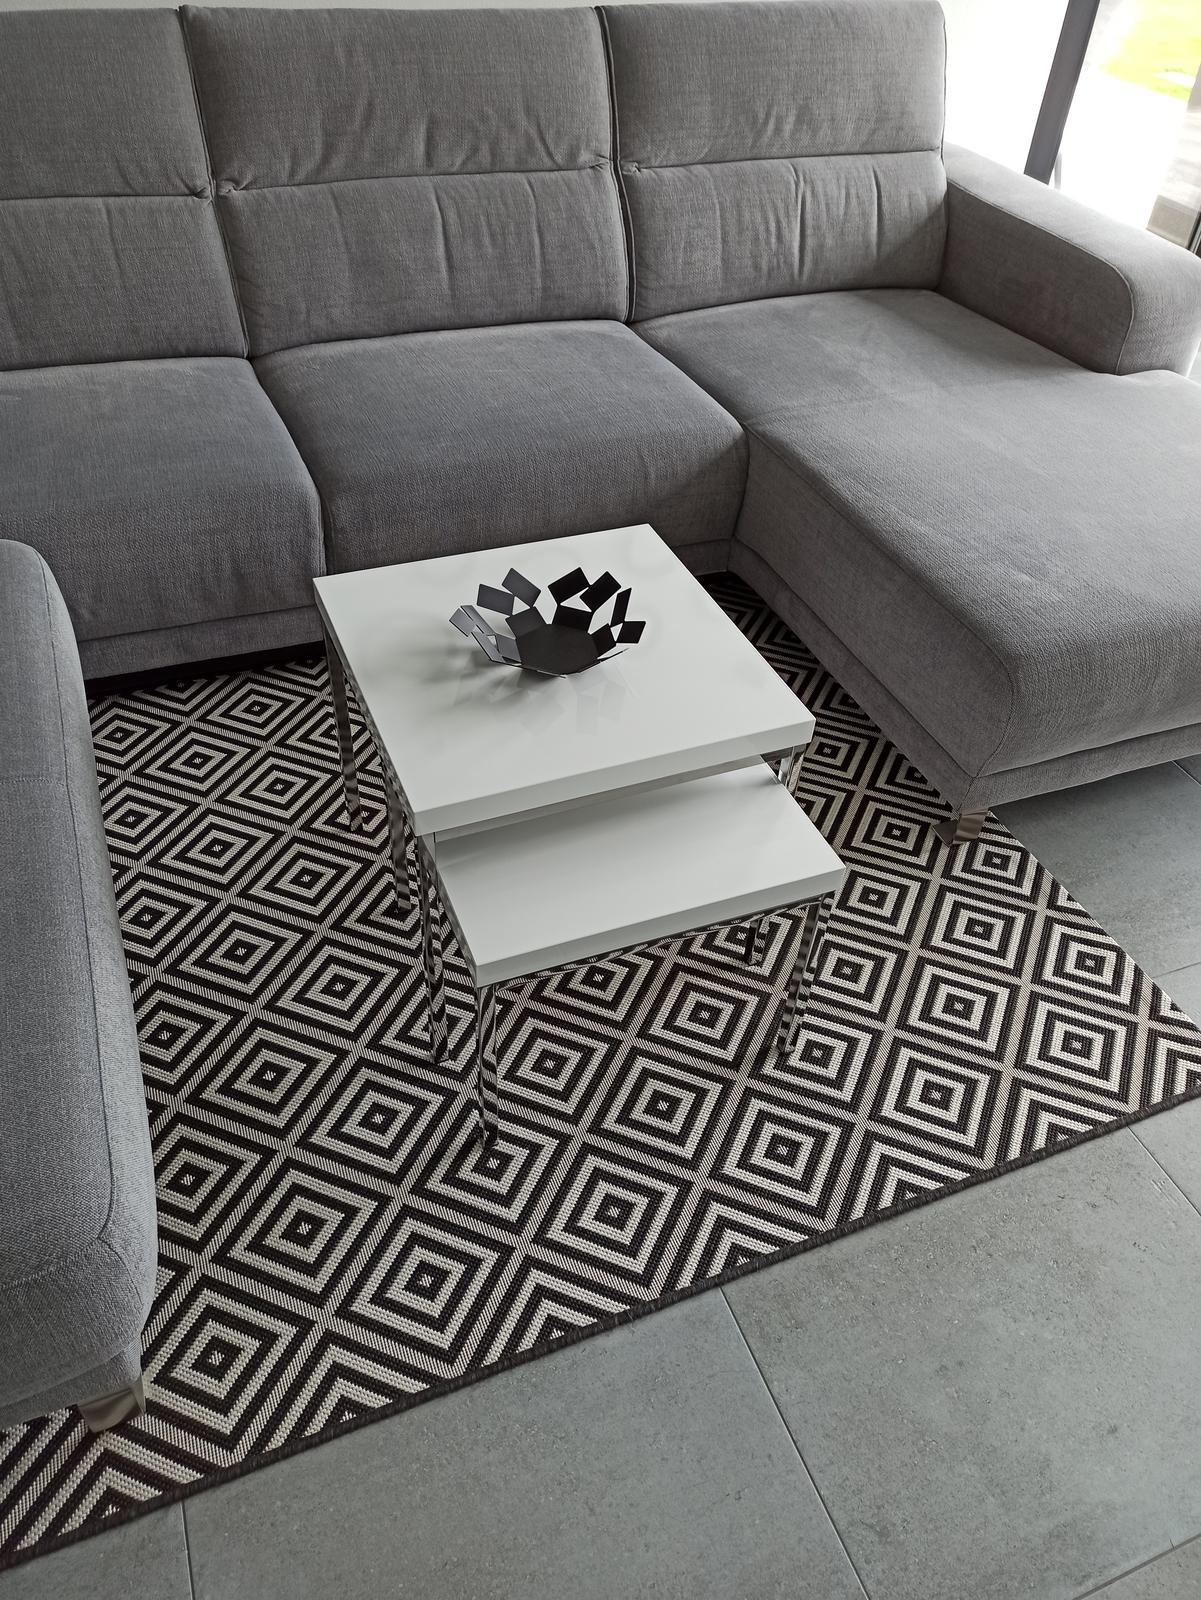 2xkonferencni stolek+koberec - Obrázek č. 1